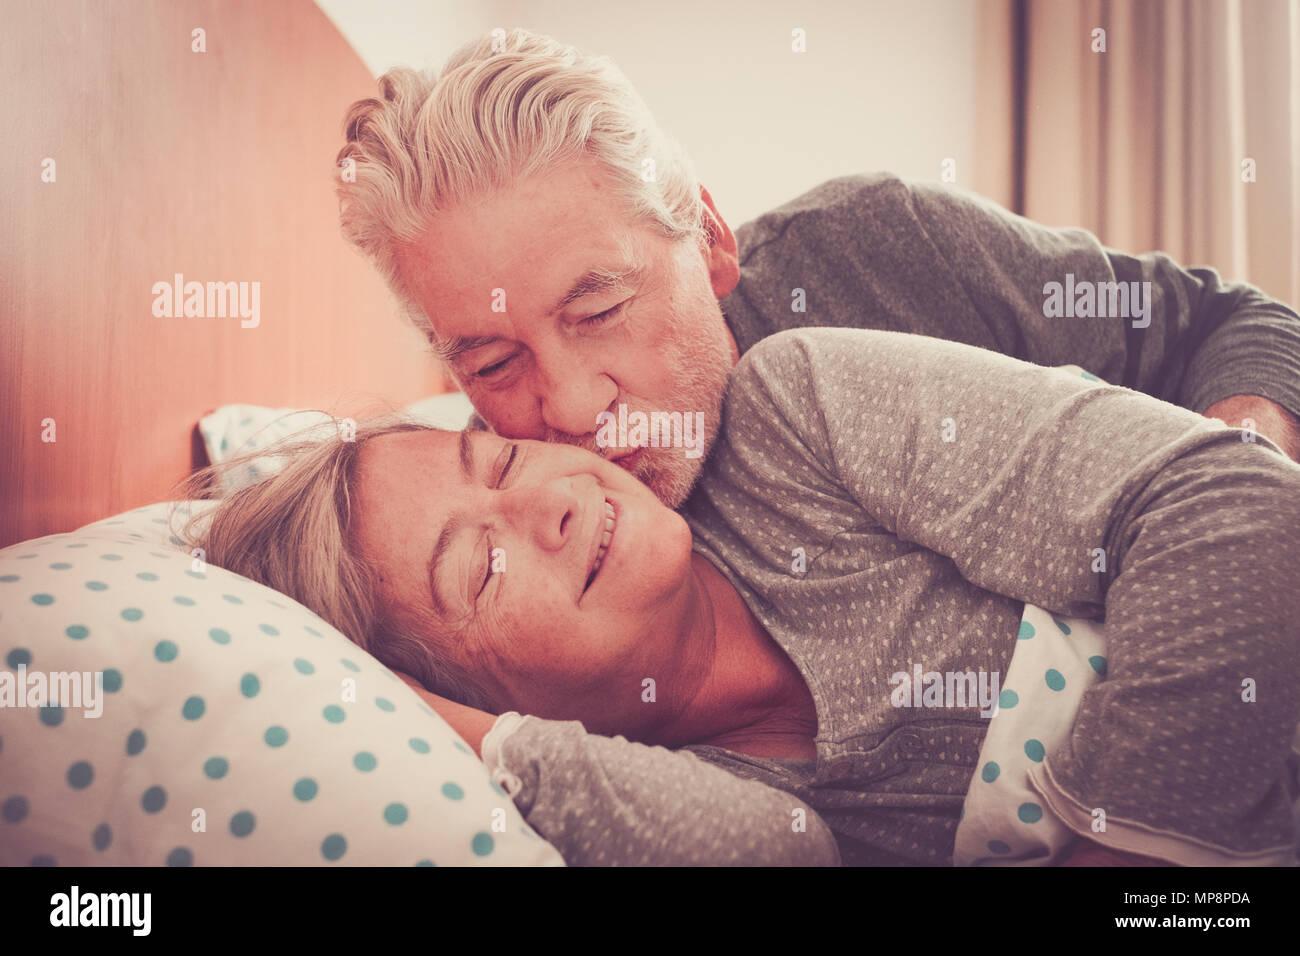 Couple de hauts l'homme et la femme se réveiller et souriant avec une accolade alors que sont dans le lit à la maison. Filtre vintage et de la lumière dans le dos. Le baiser de l'homme w Photo Stock